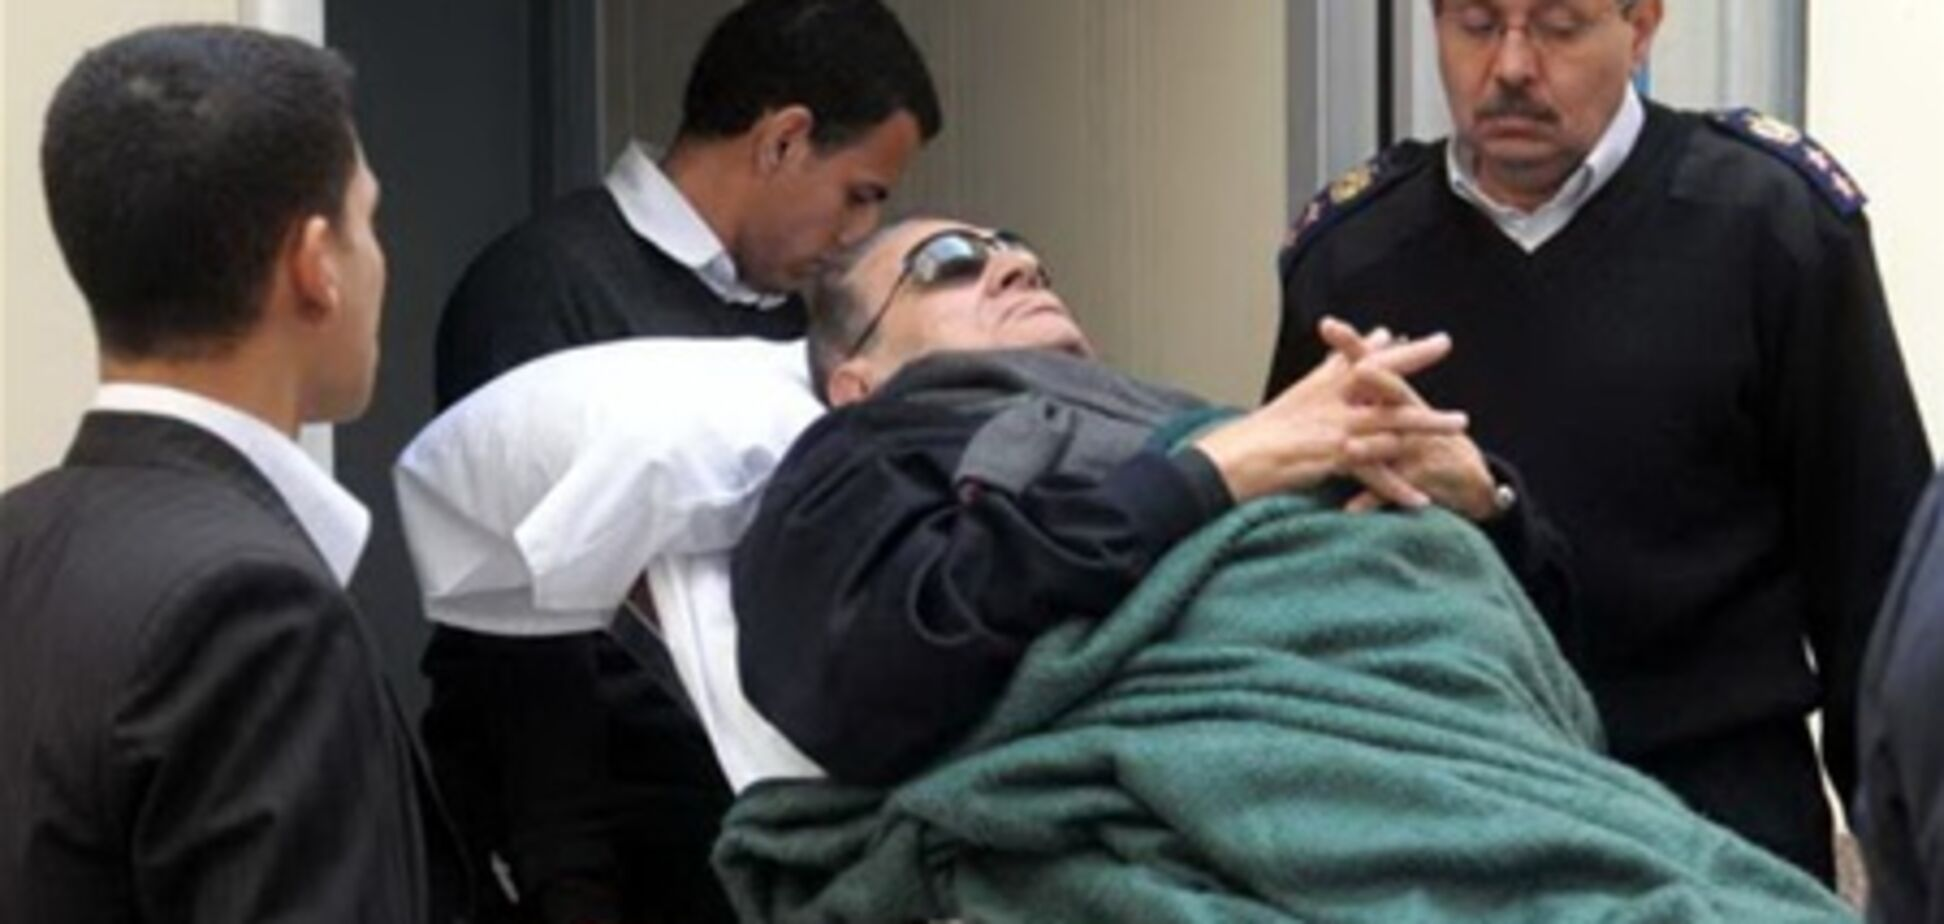 Суд у справі Мубарака розпочався з тригодинним запізненням